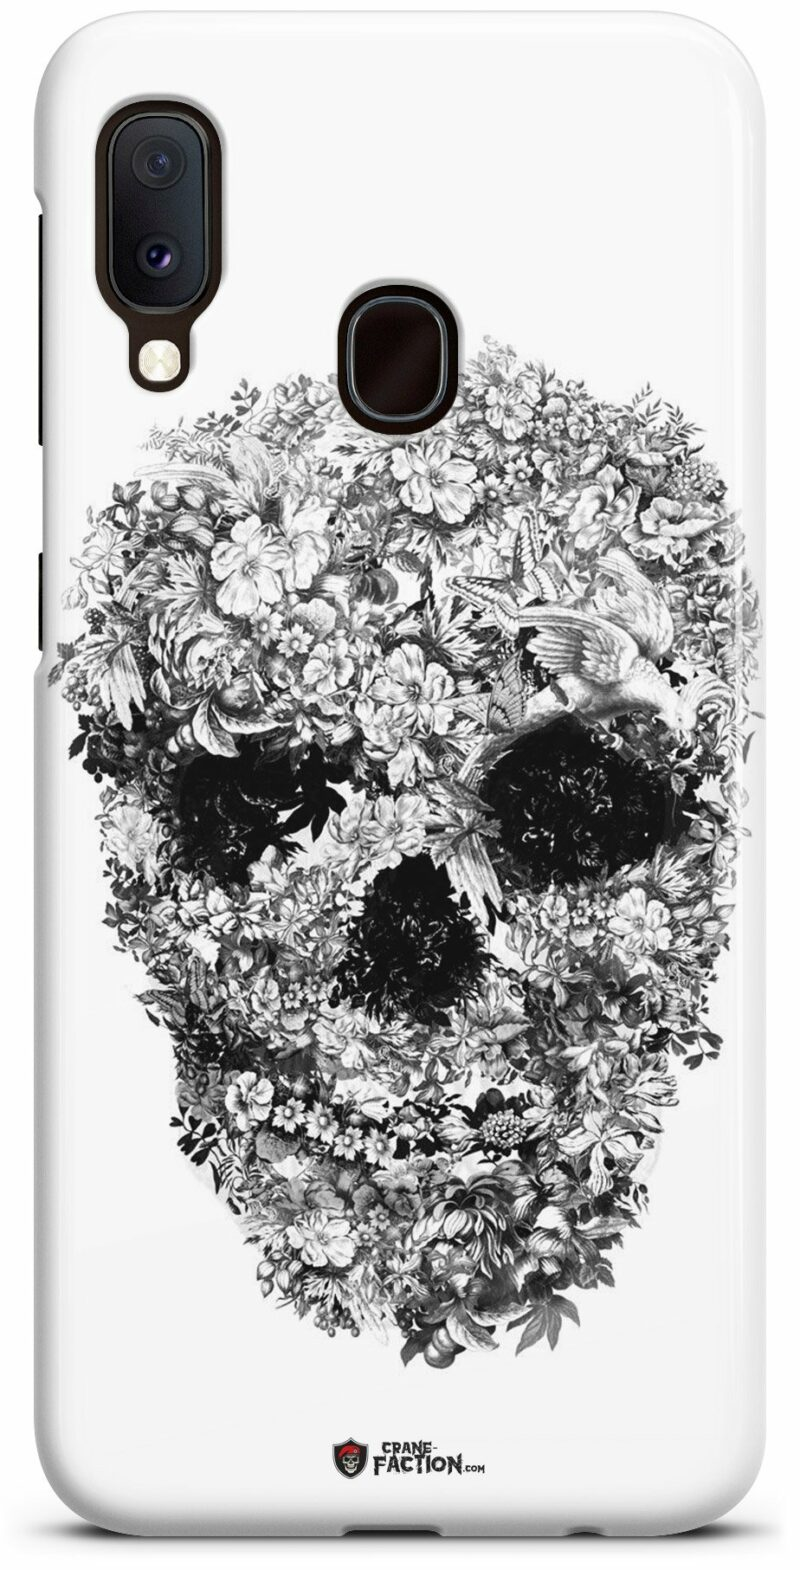 Black and White Skull Case